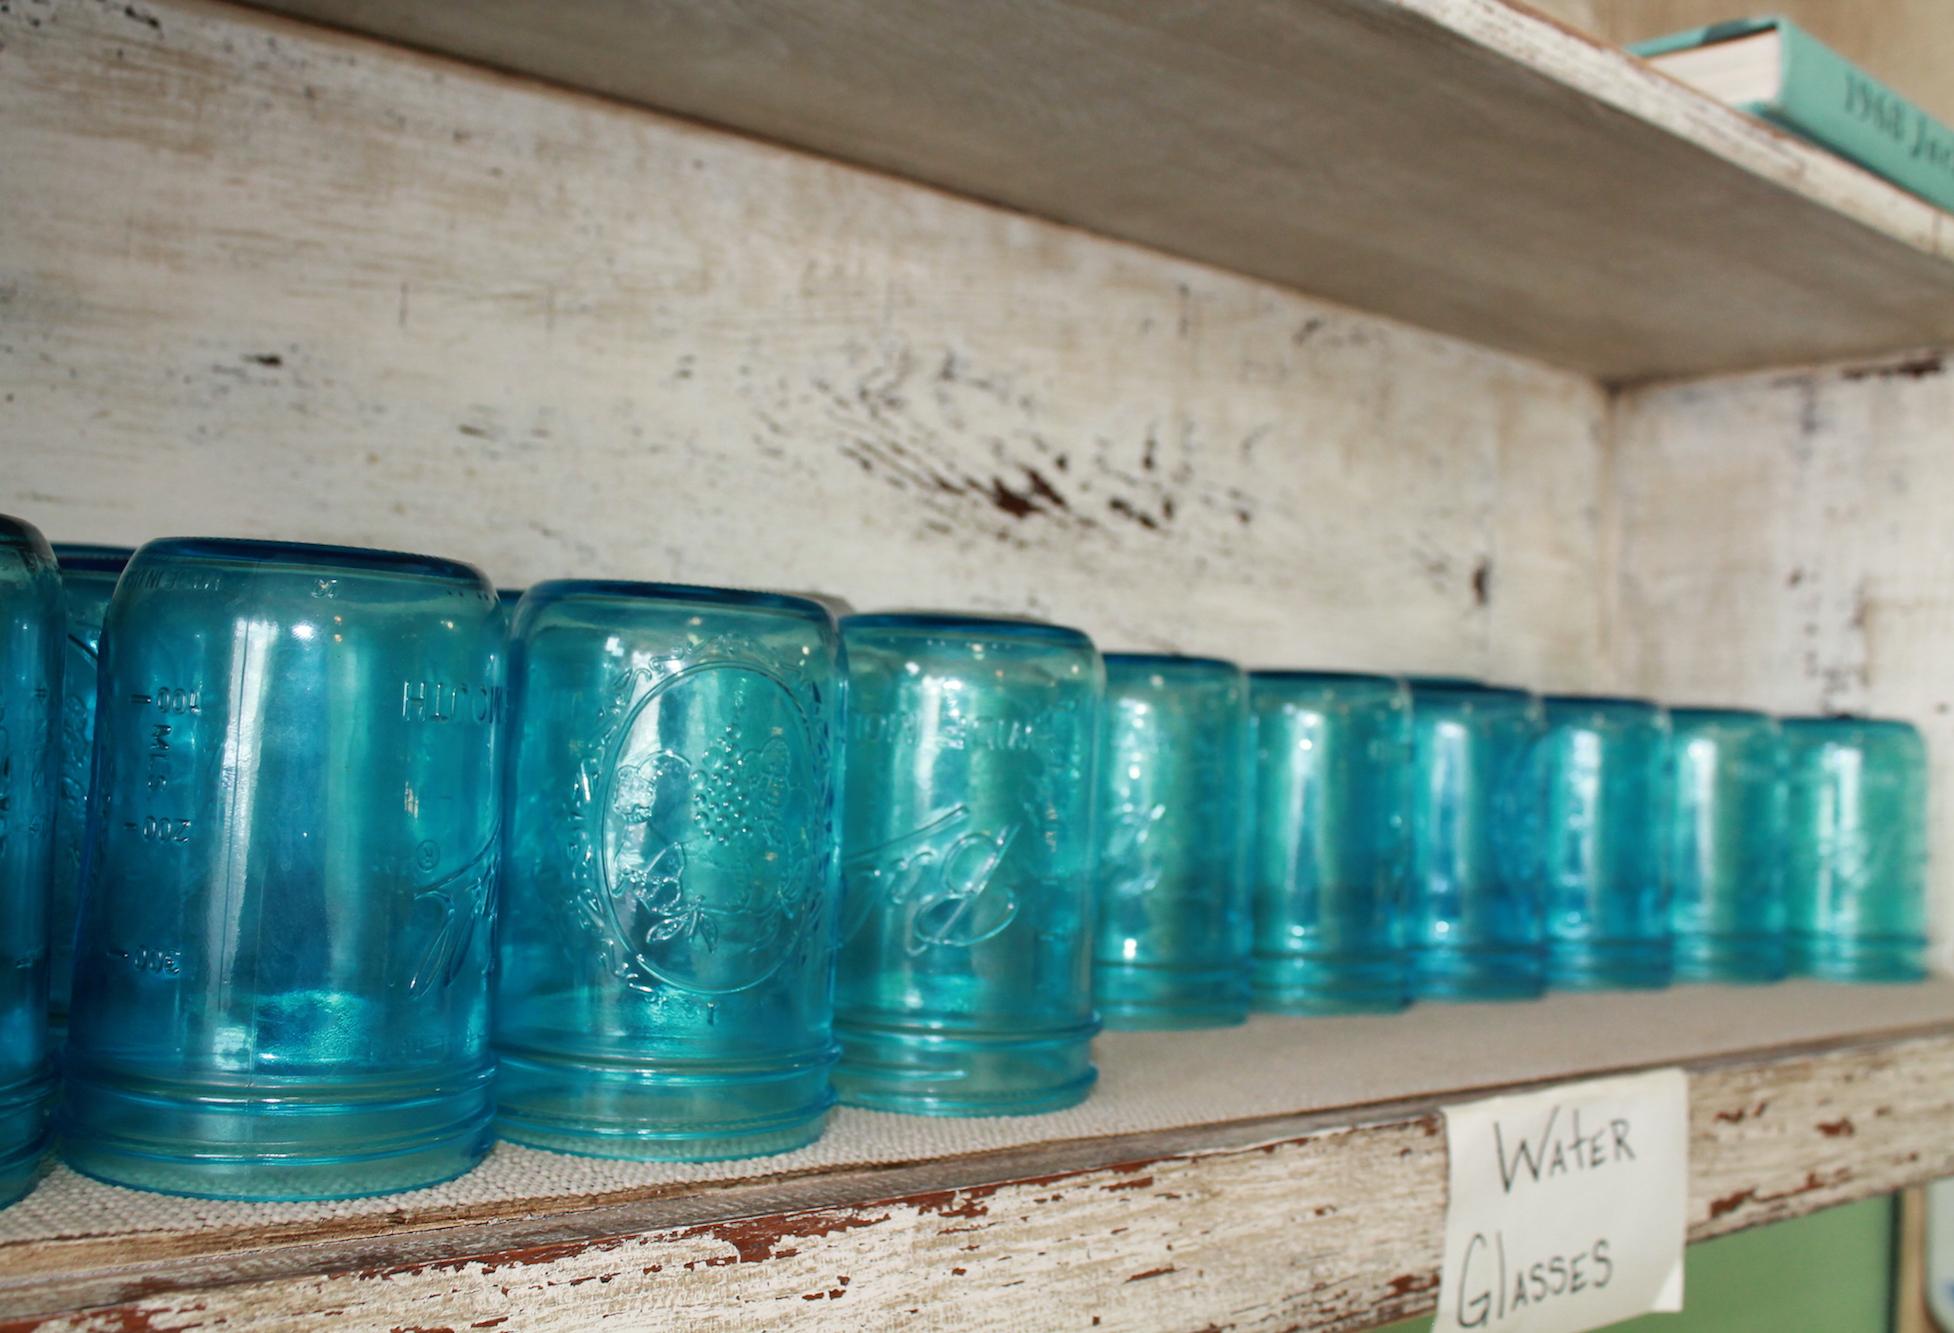 waterglassesweb.jpeg